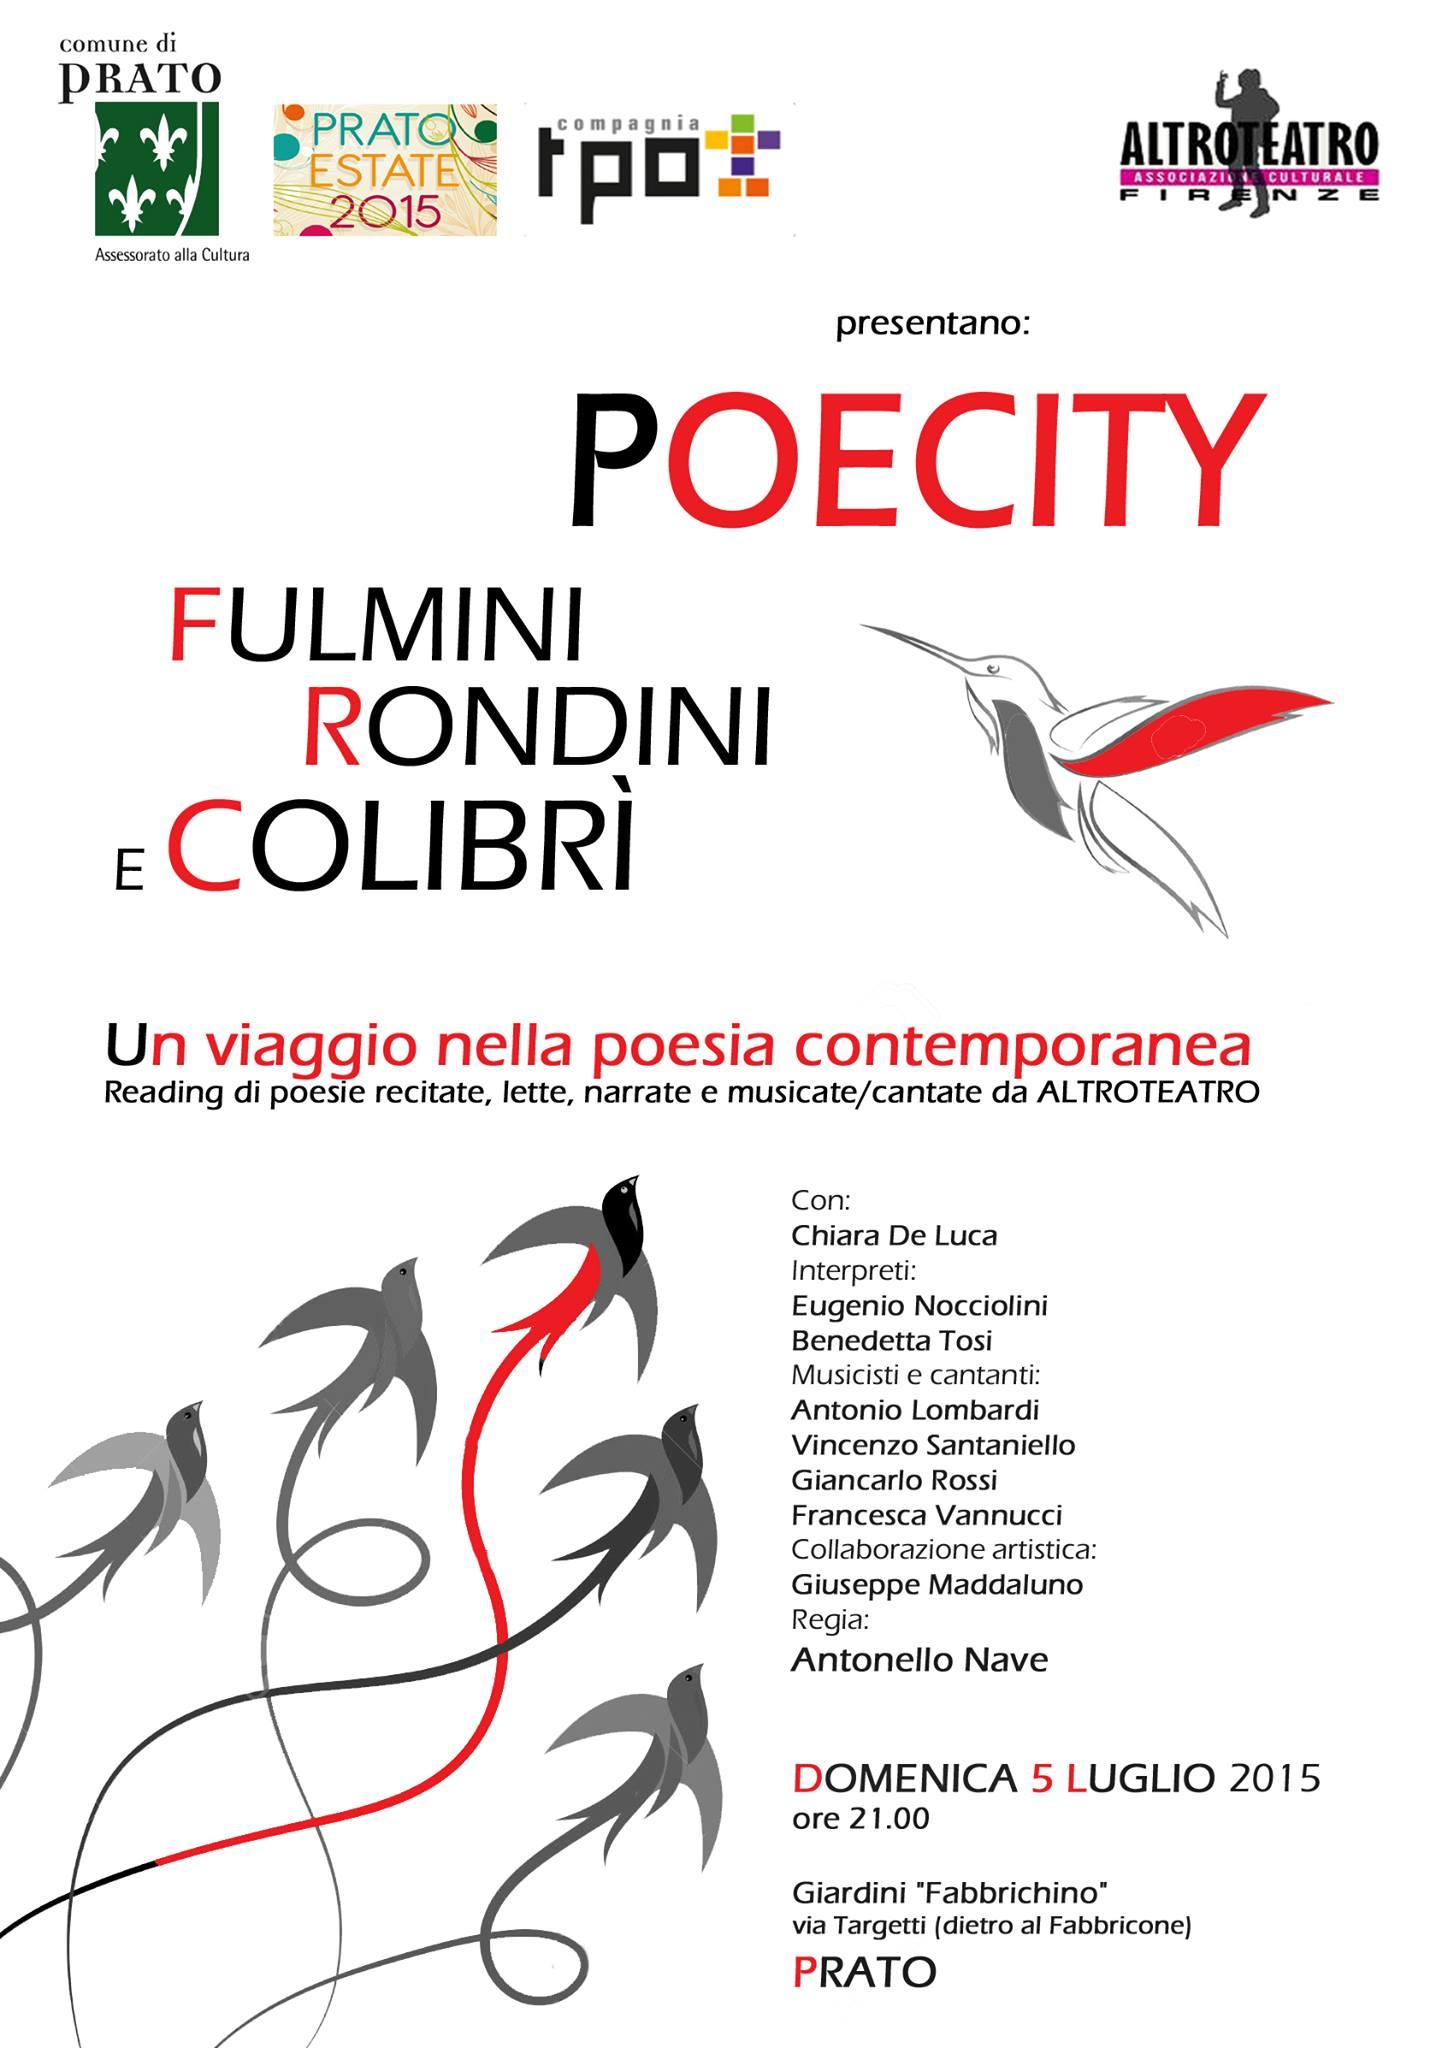 Fulmini, rondini e colibrì a Prato